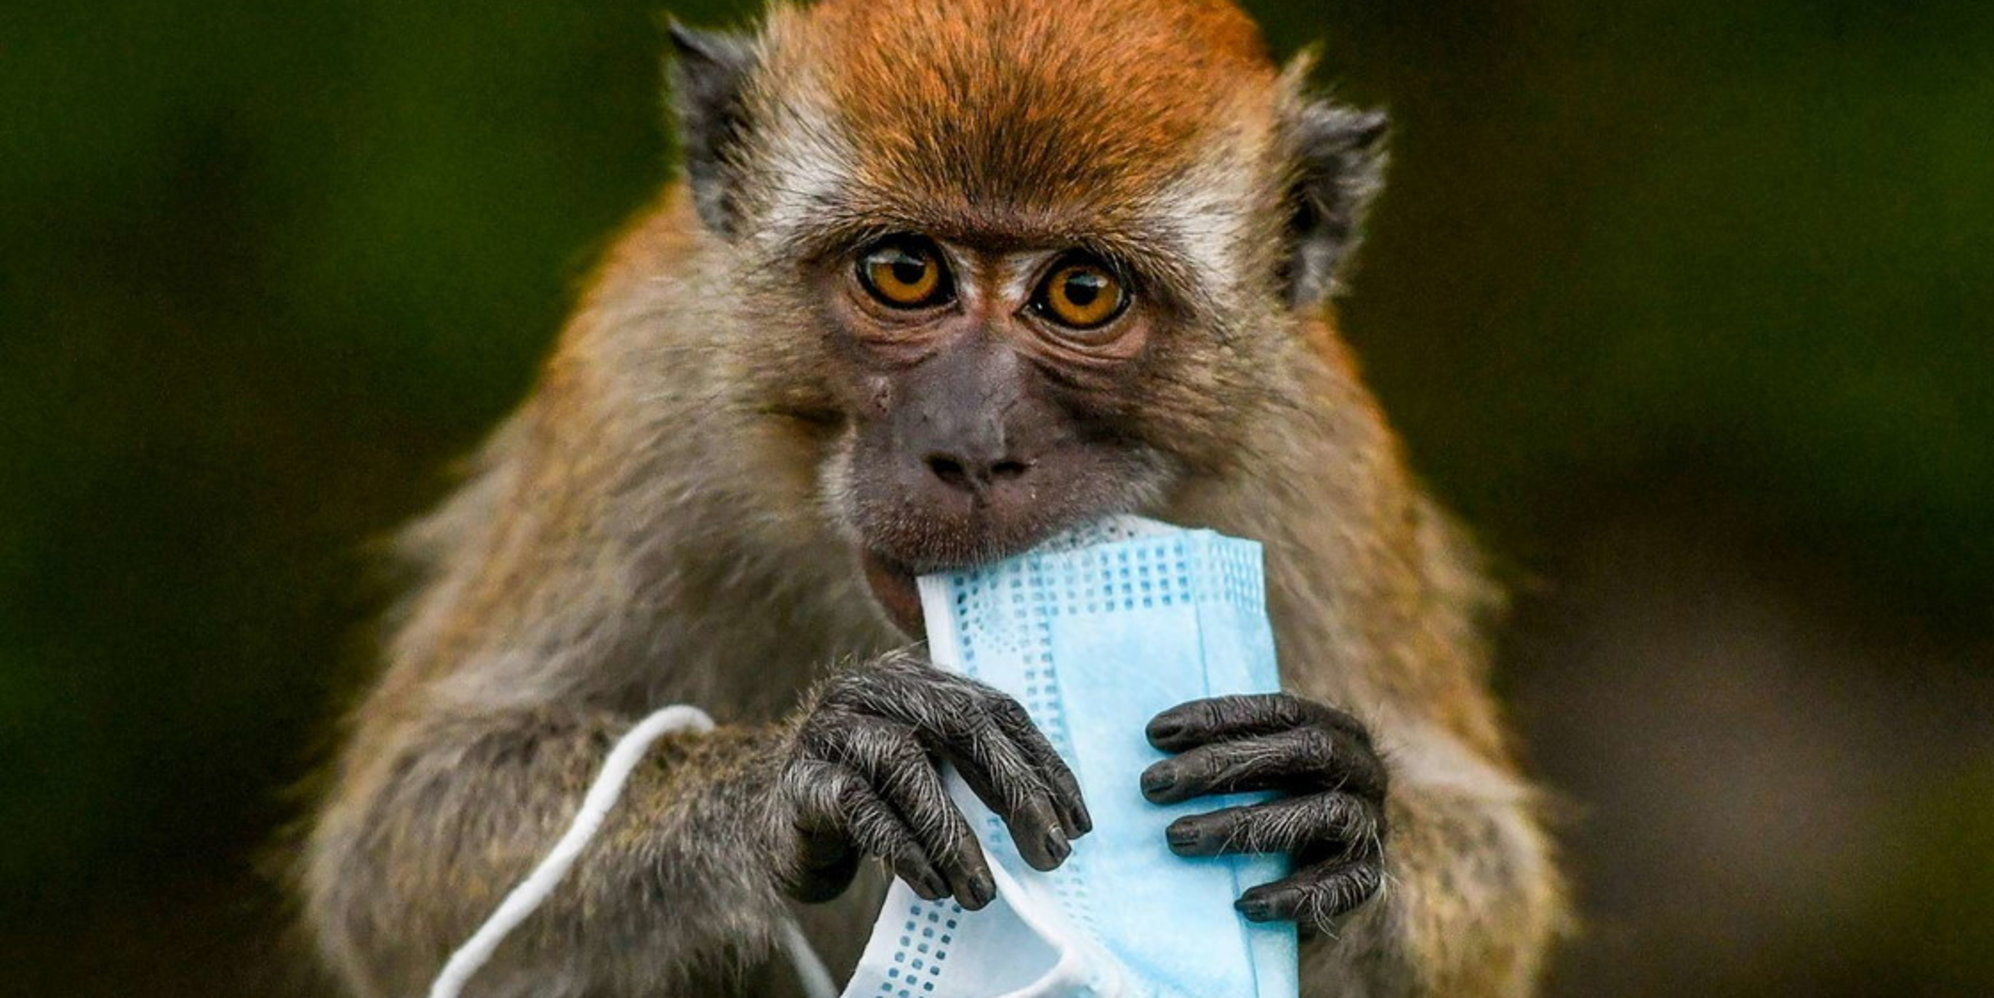 Inquinamento da Covid: sopravvivenza fauna in pericolo | Mascherine abbandonate, macachi rischiano soffocamento